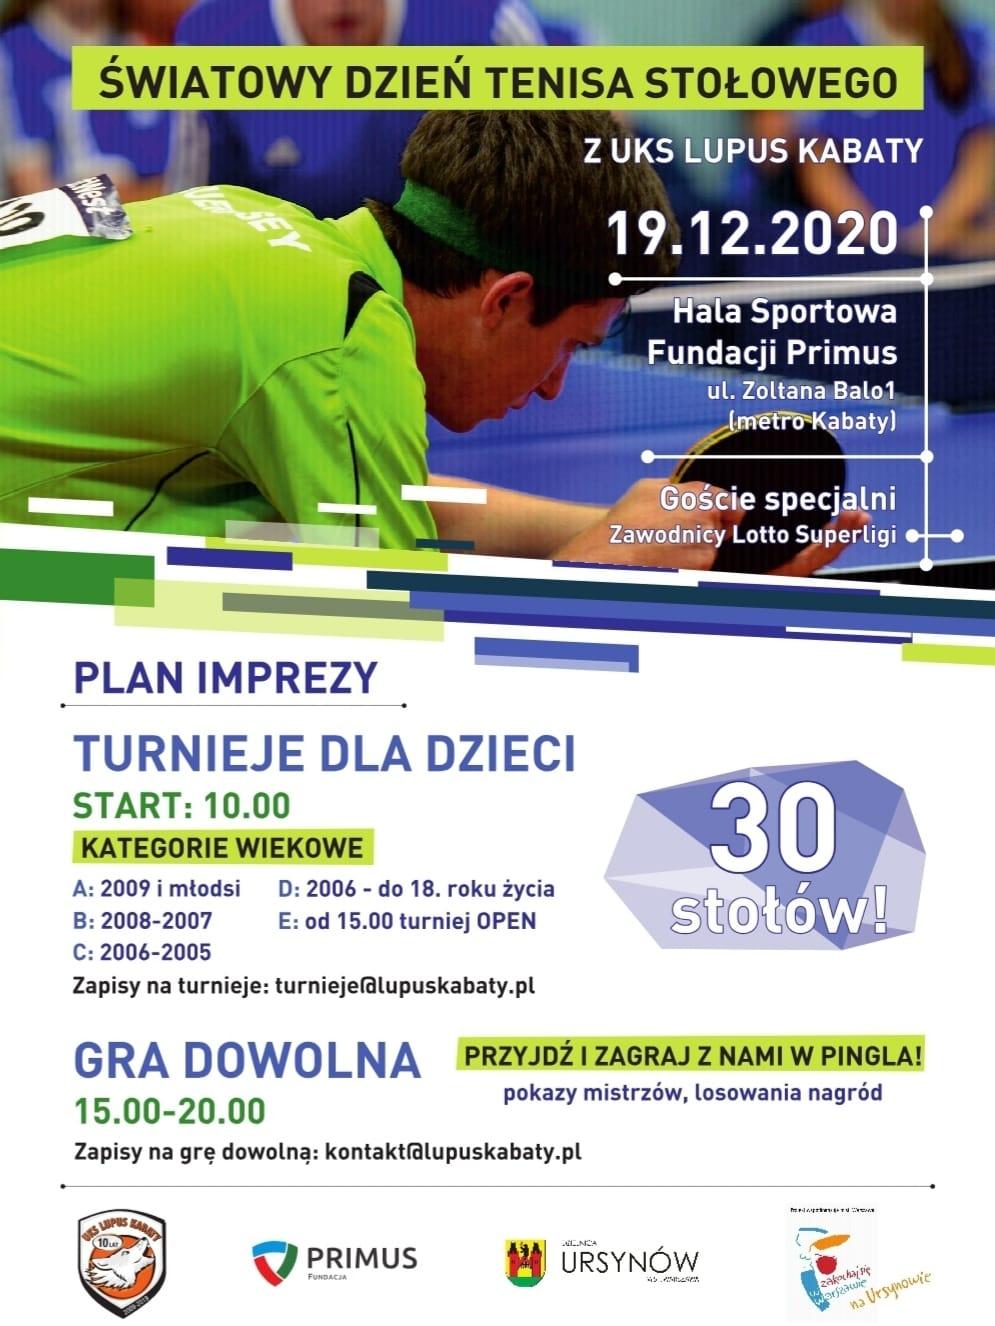 Plakat turnieju Światowy dzień tenisa stołowego z UKS Lupus Kabaty